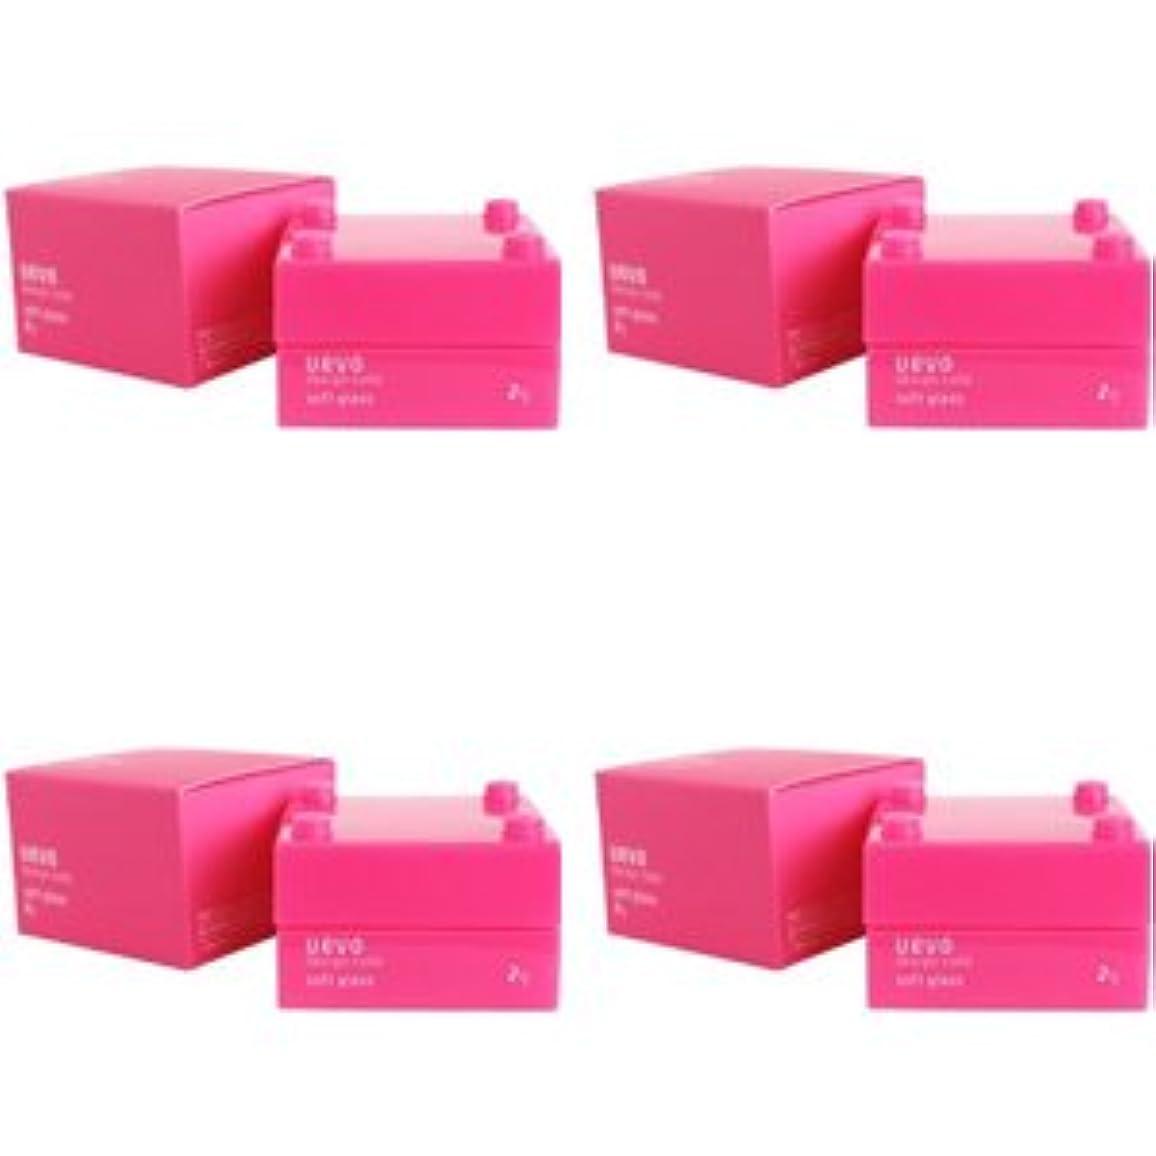 損失残高収穫【X4個セット】 デミ ウェーボ デザインキューブ ソフトグロス 30g soft gloss DEMI uevo design cube